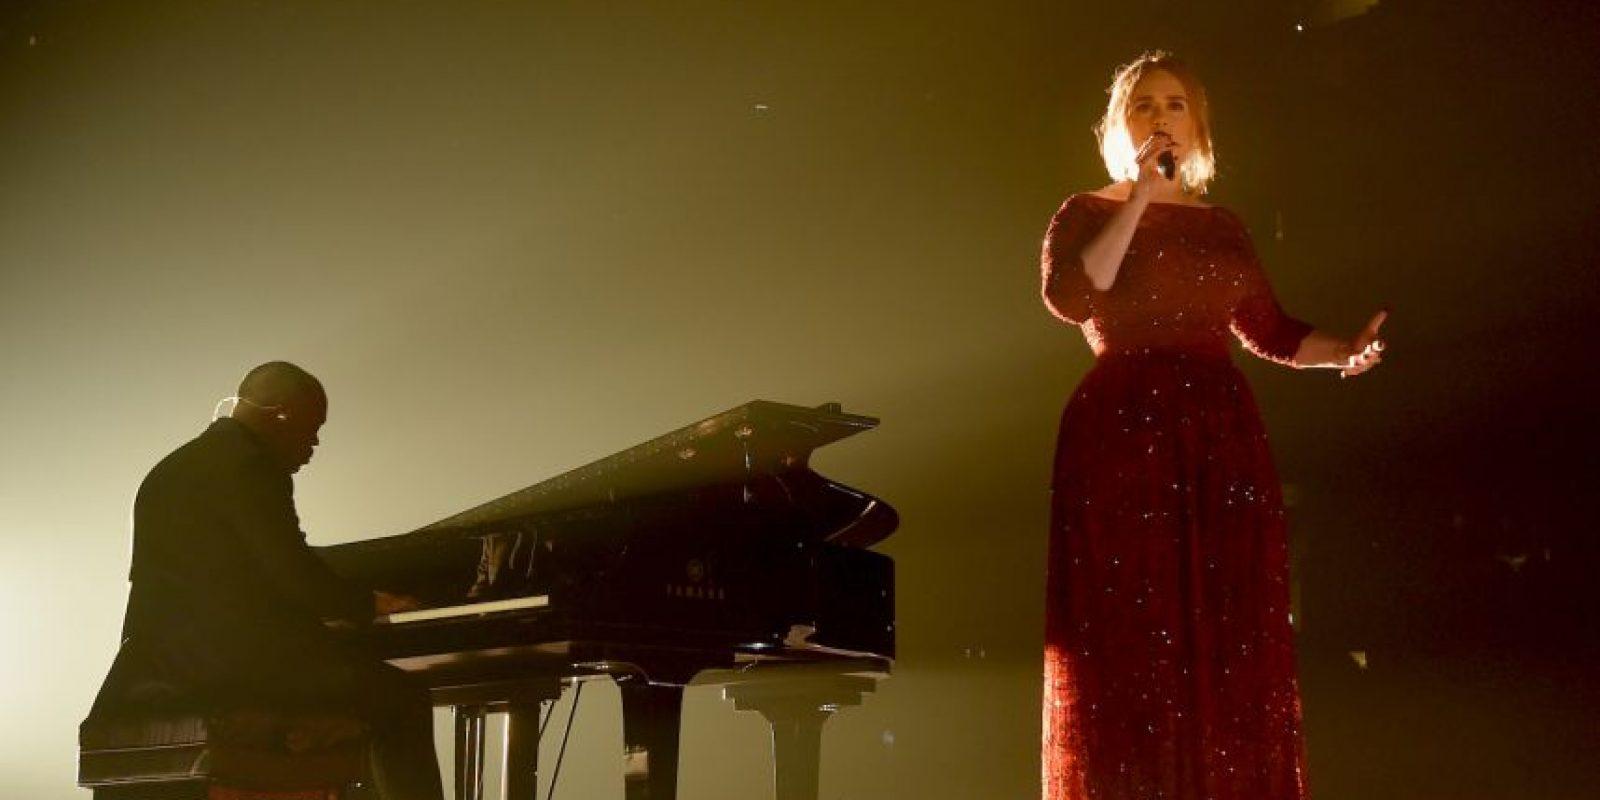 Esta fue la presentación de Adele el pasado lunes en los Grammy Foto:Getty Images